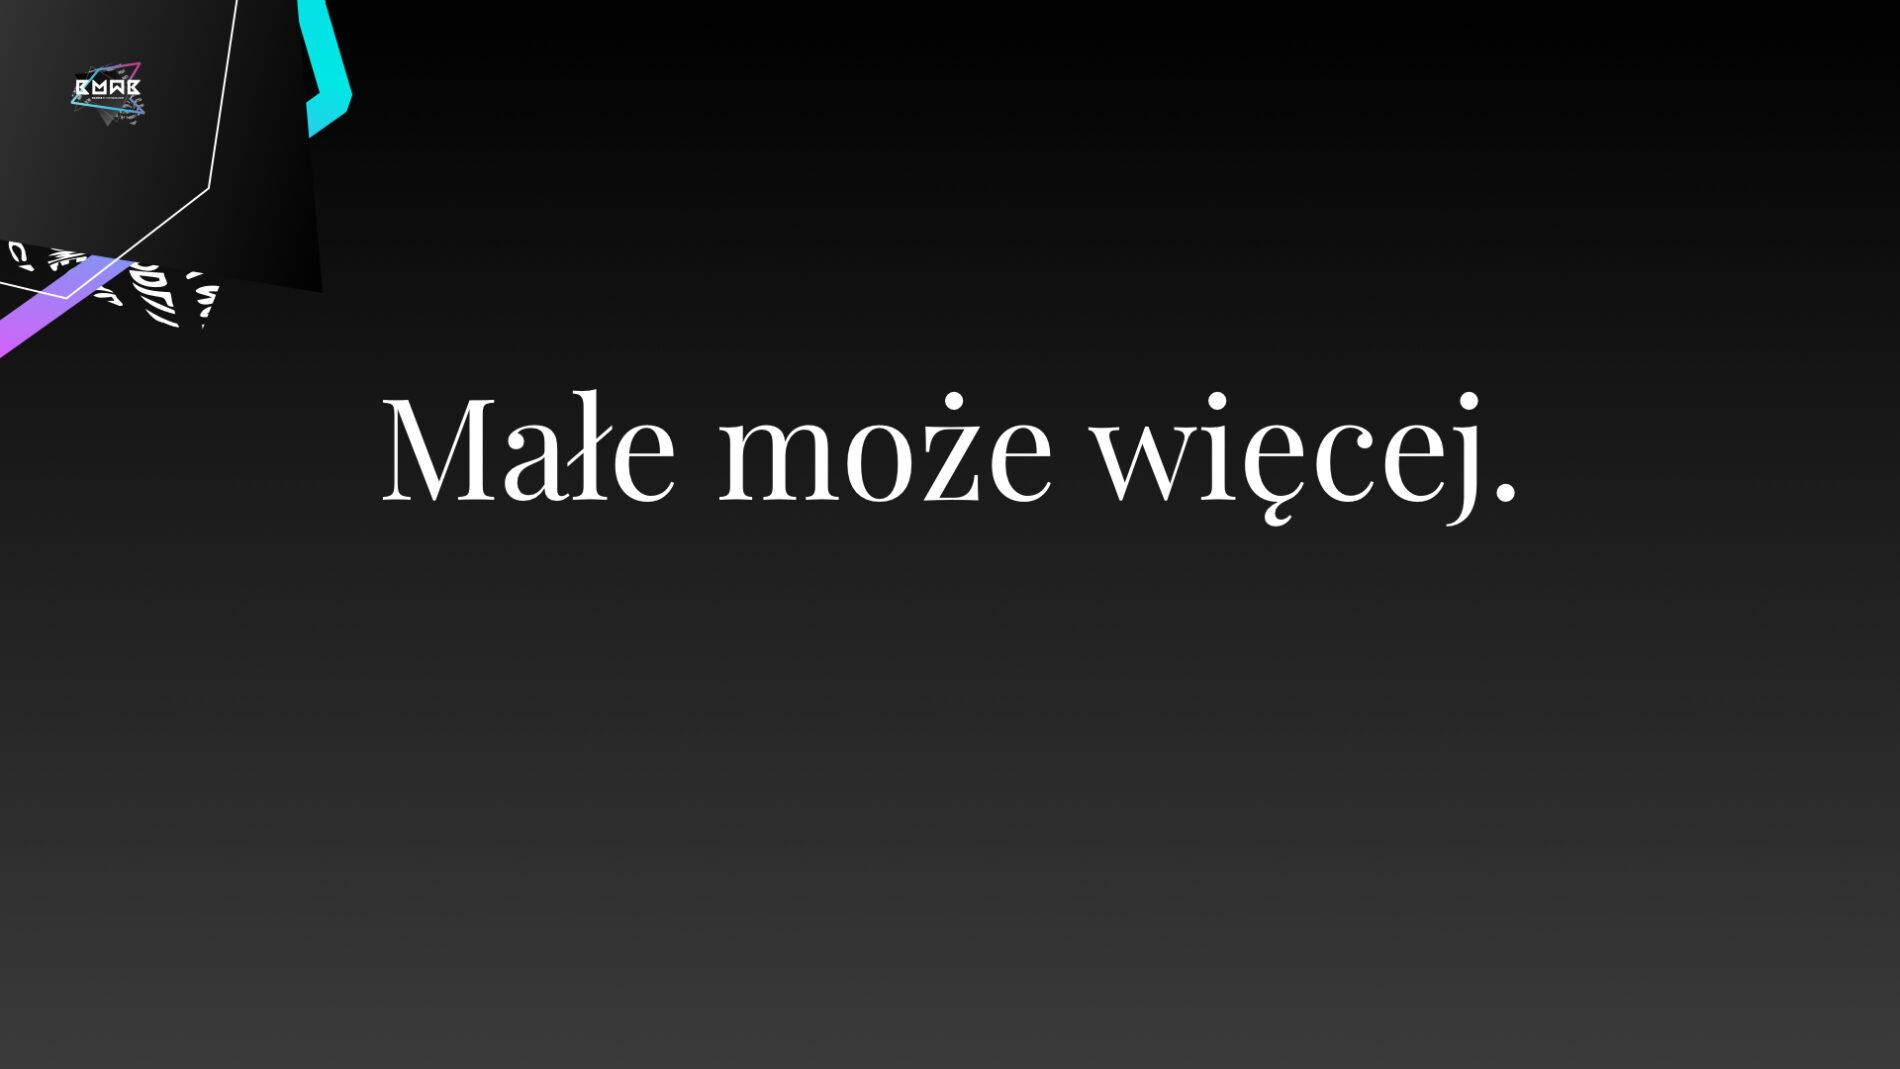 """Plansza z prezentacji """"Małe może więcej. YouTube dla małych i średnich ośrodków kultury"""" wygłoszonej przez Marcina Andrzejewskiego na Konferencji """"Marketing w Kulturze 2021""""."""